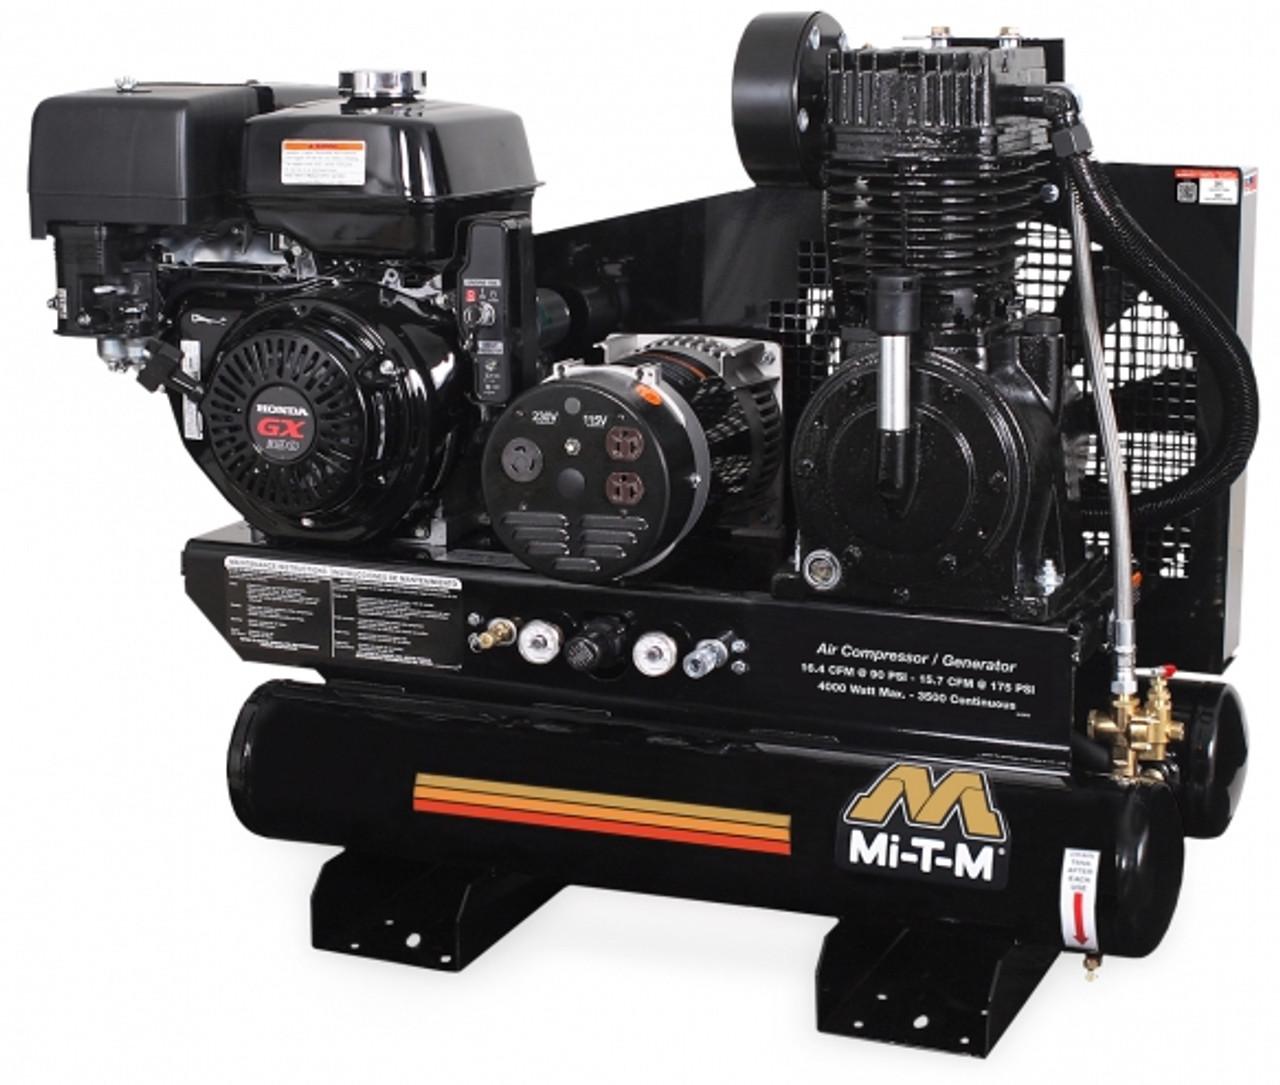 Mi-T-M AG2-SH13-08M1 13 HP Honda Powered Twin Tank Air Compressor/Generator Combo